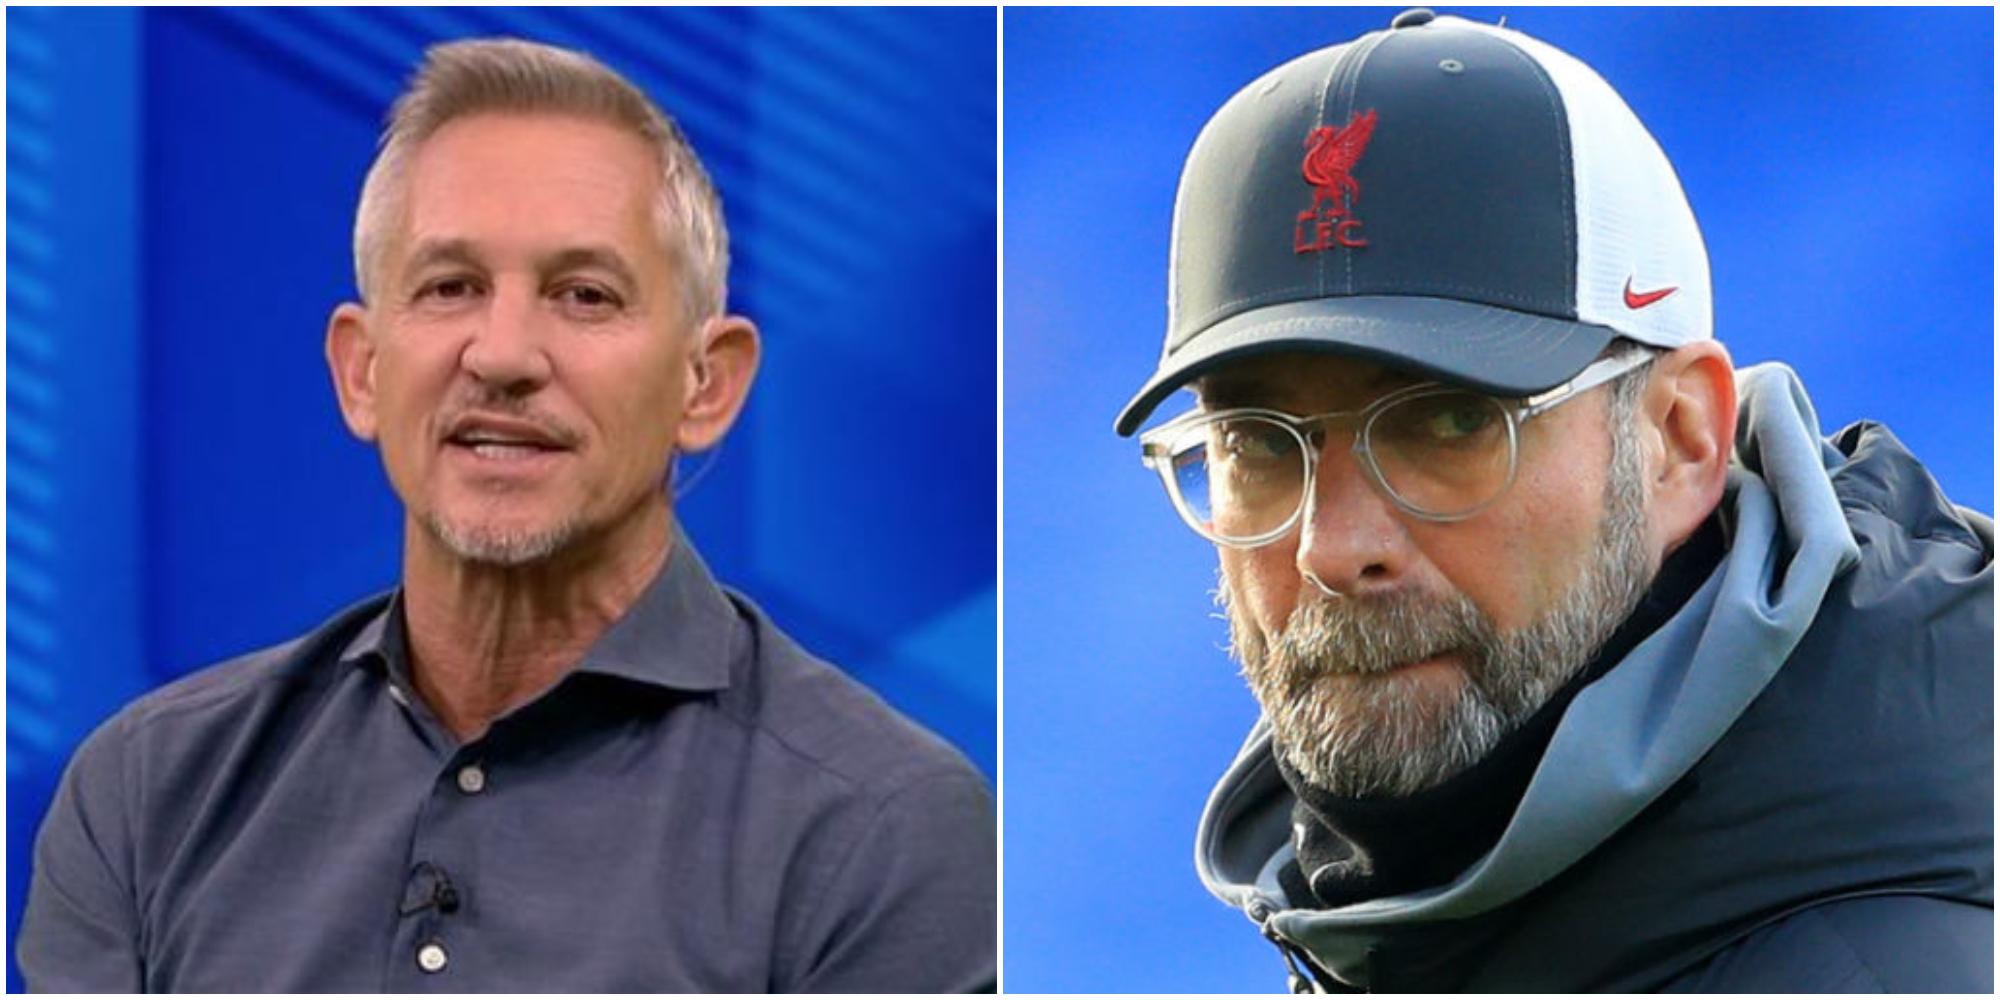 Gary Lineker gets behind Jurgen Klopp; says German's critics 'don't have a clue'